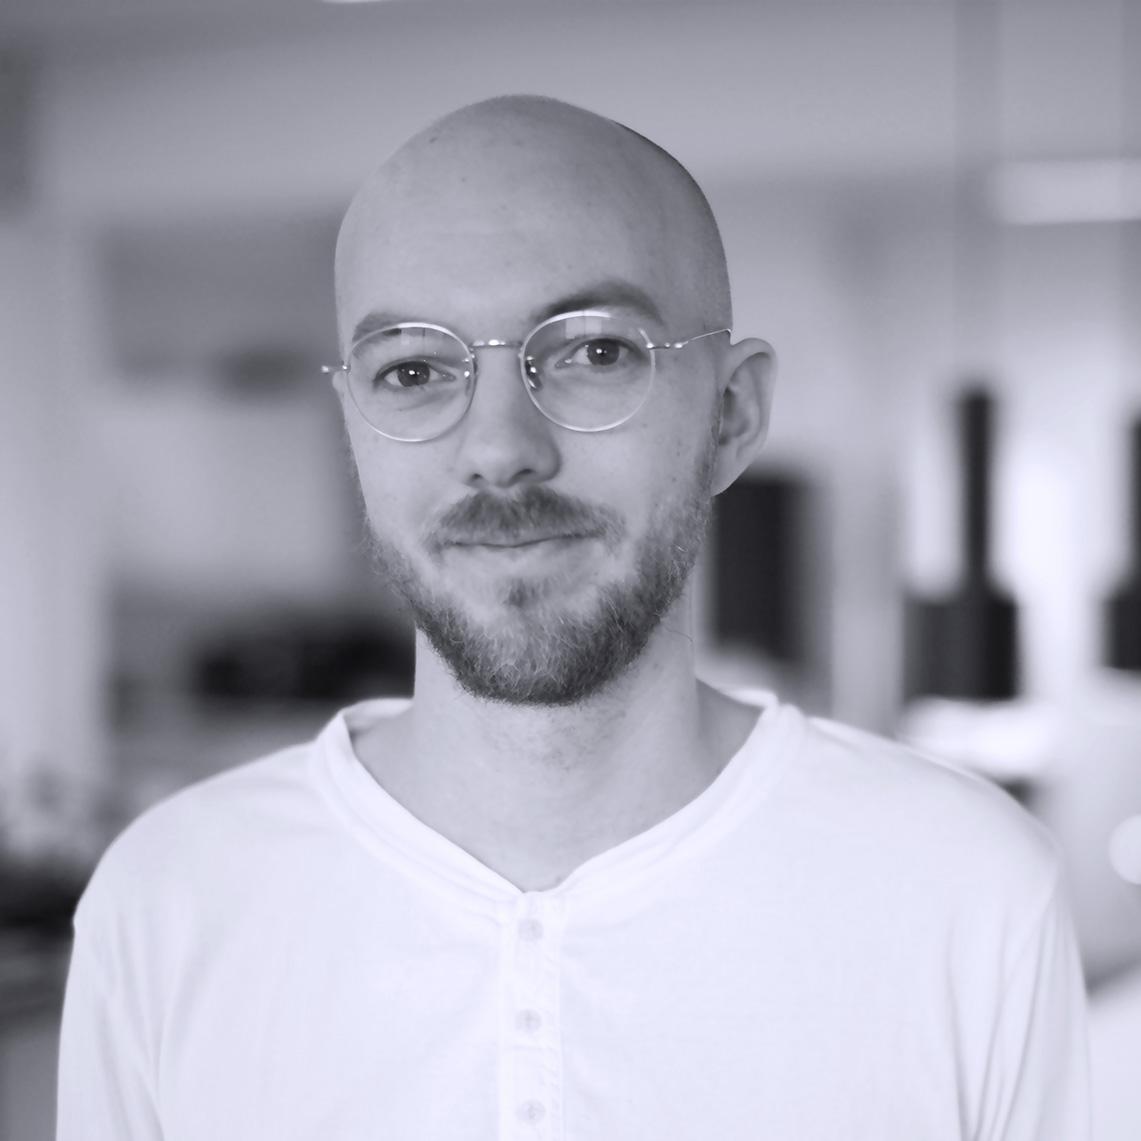 Erik Fornander